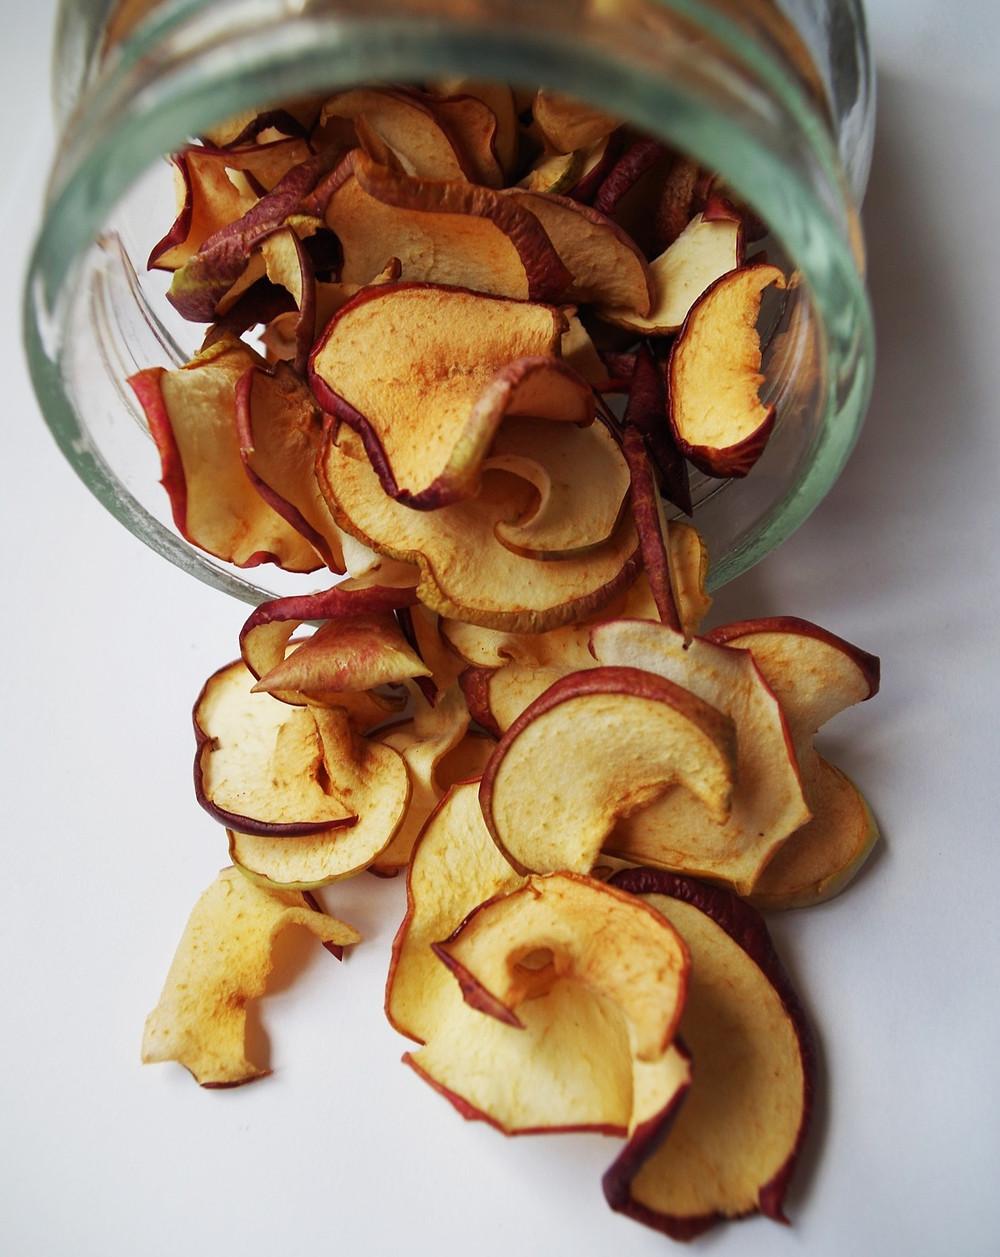 džiovinti obuoliai, arbatos receptai, vmgonline.lt